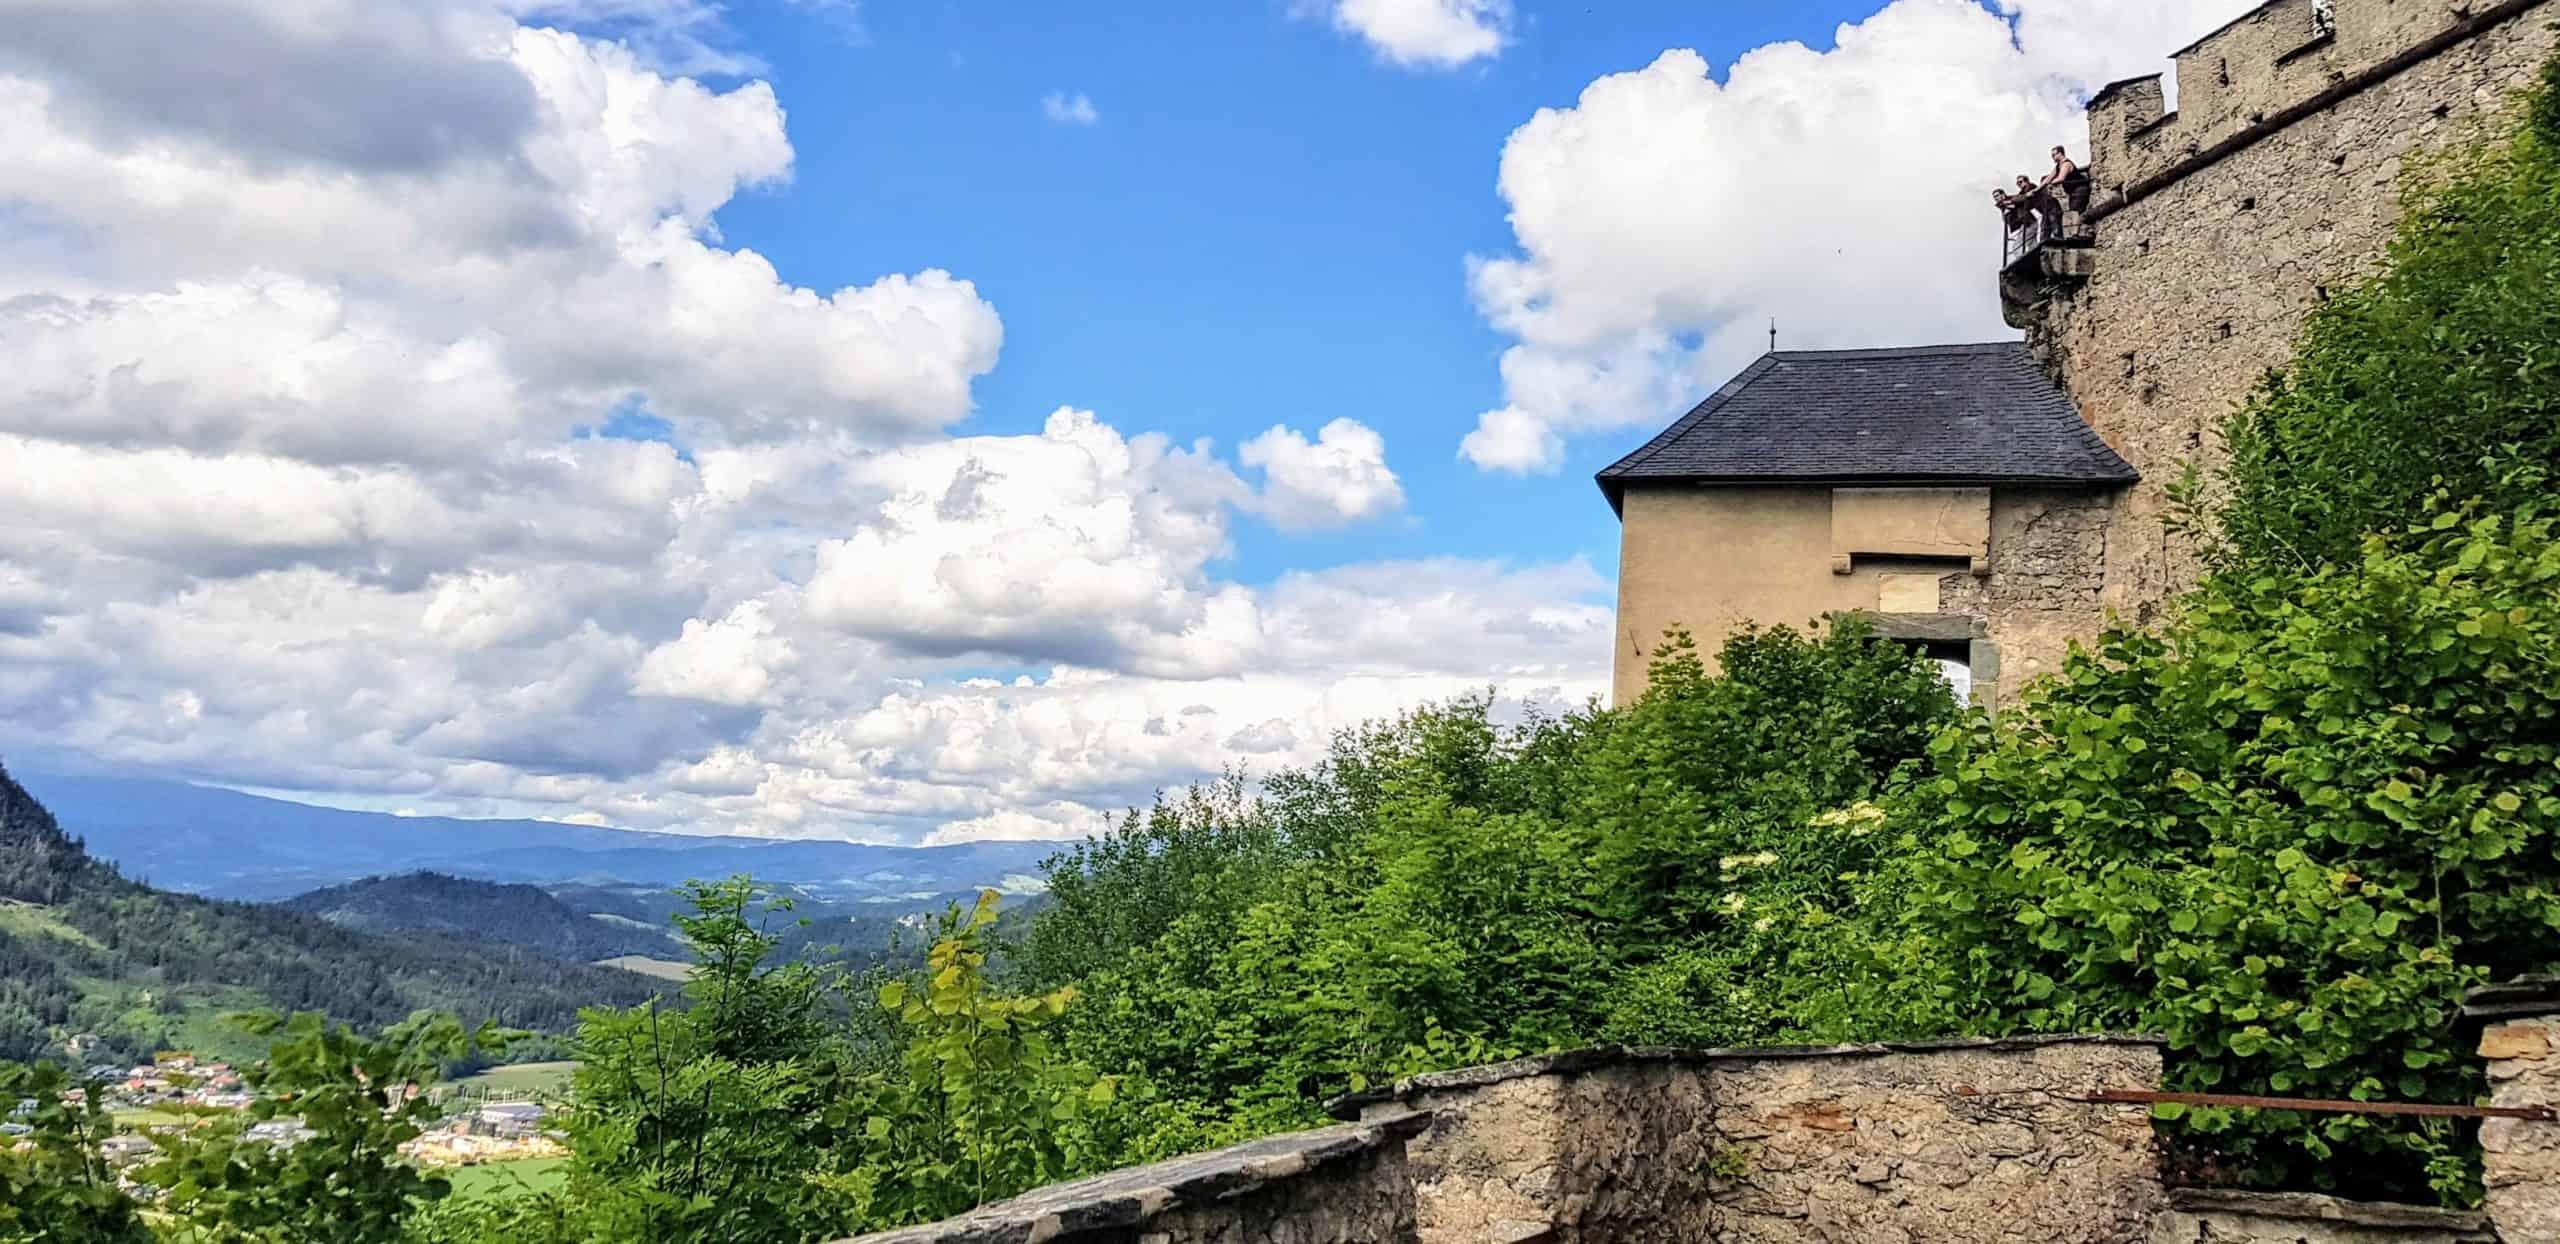 Blick auf Mauertor Hochosterwitz - familienfreundliches Ausflugsziel mit Kärnten Card